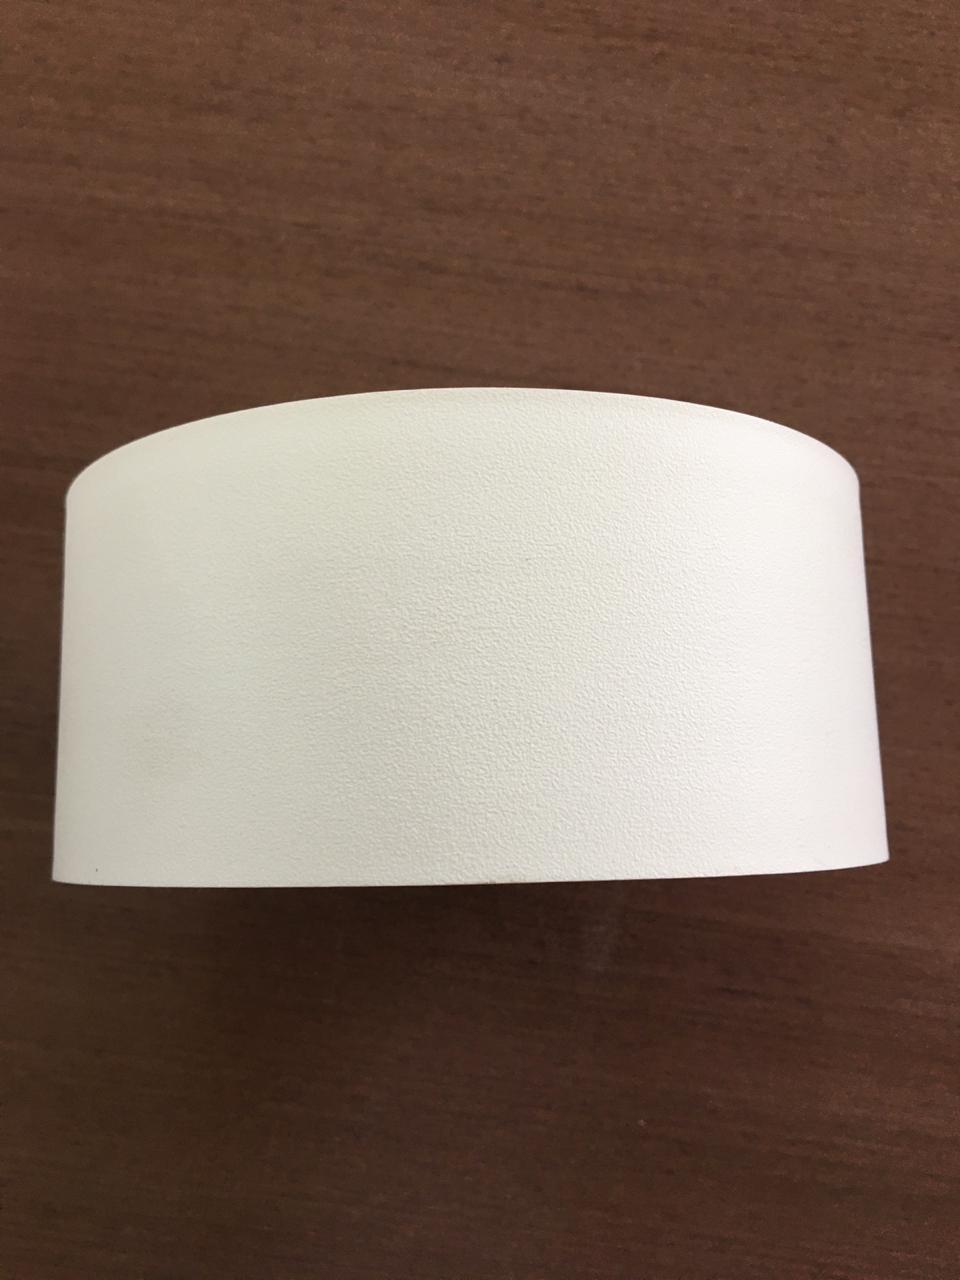 Fita de borda pvc branco texturizado 65mm x 20m